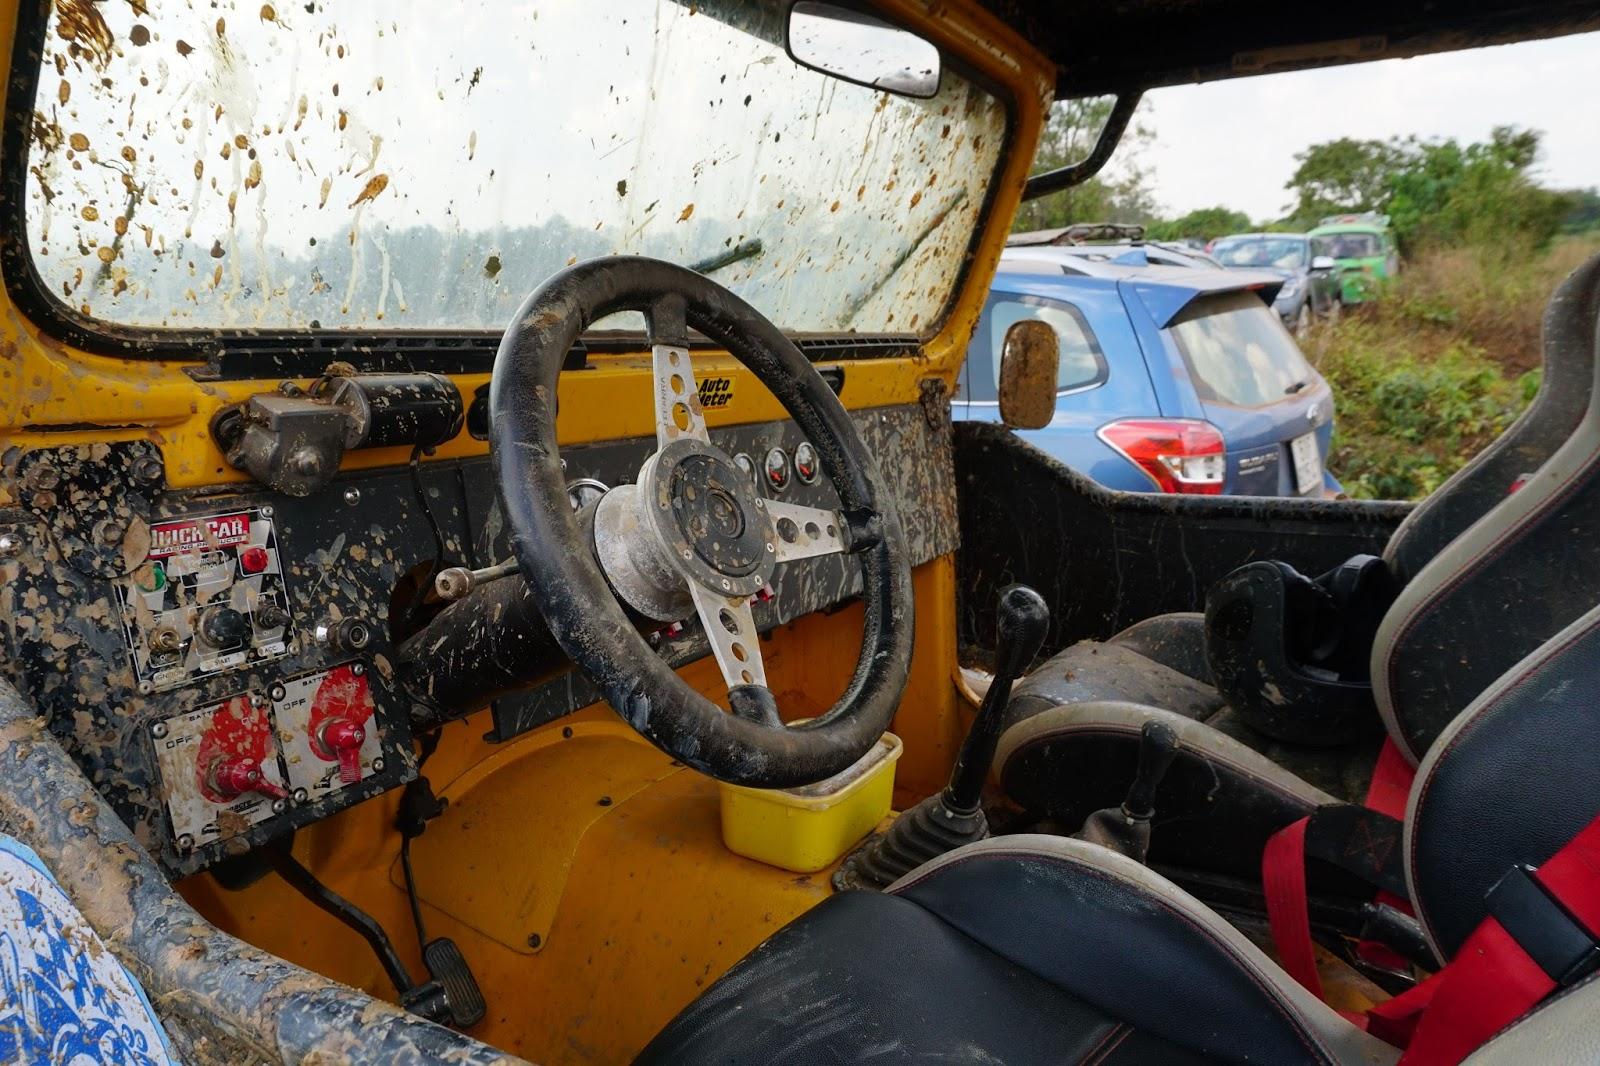 Nội thất của xe còn rất mới, các nút bấm, thông số đơn giản